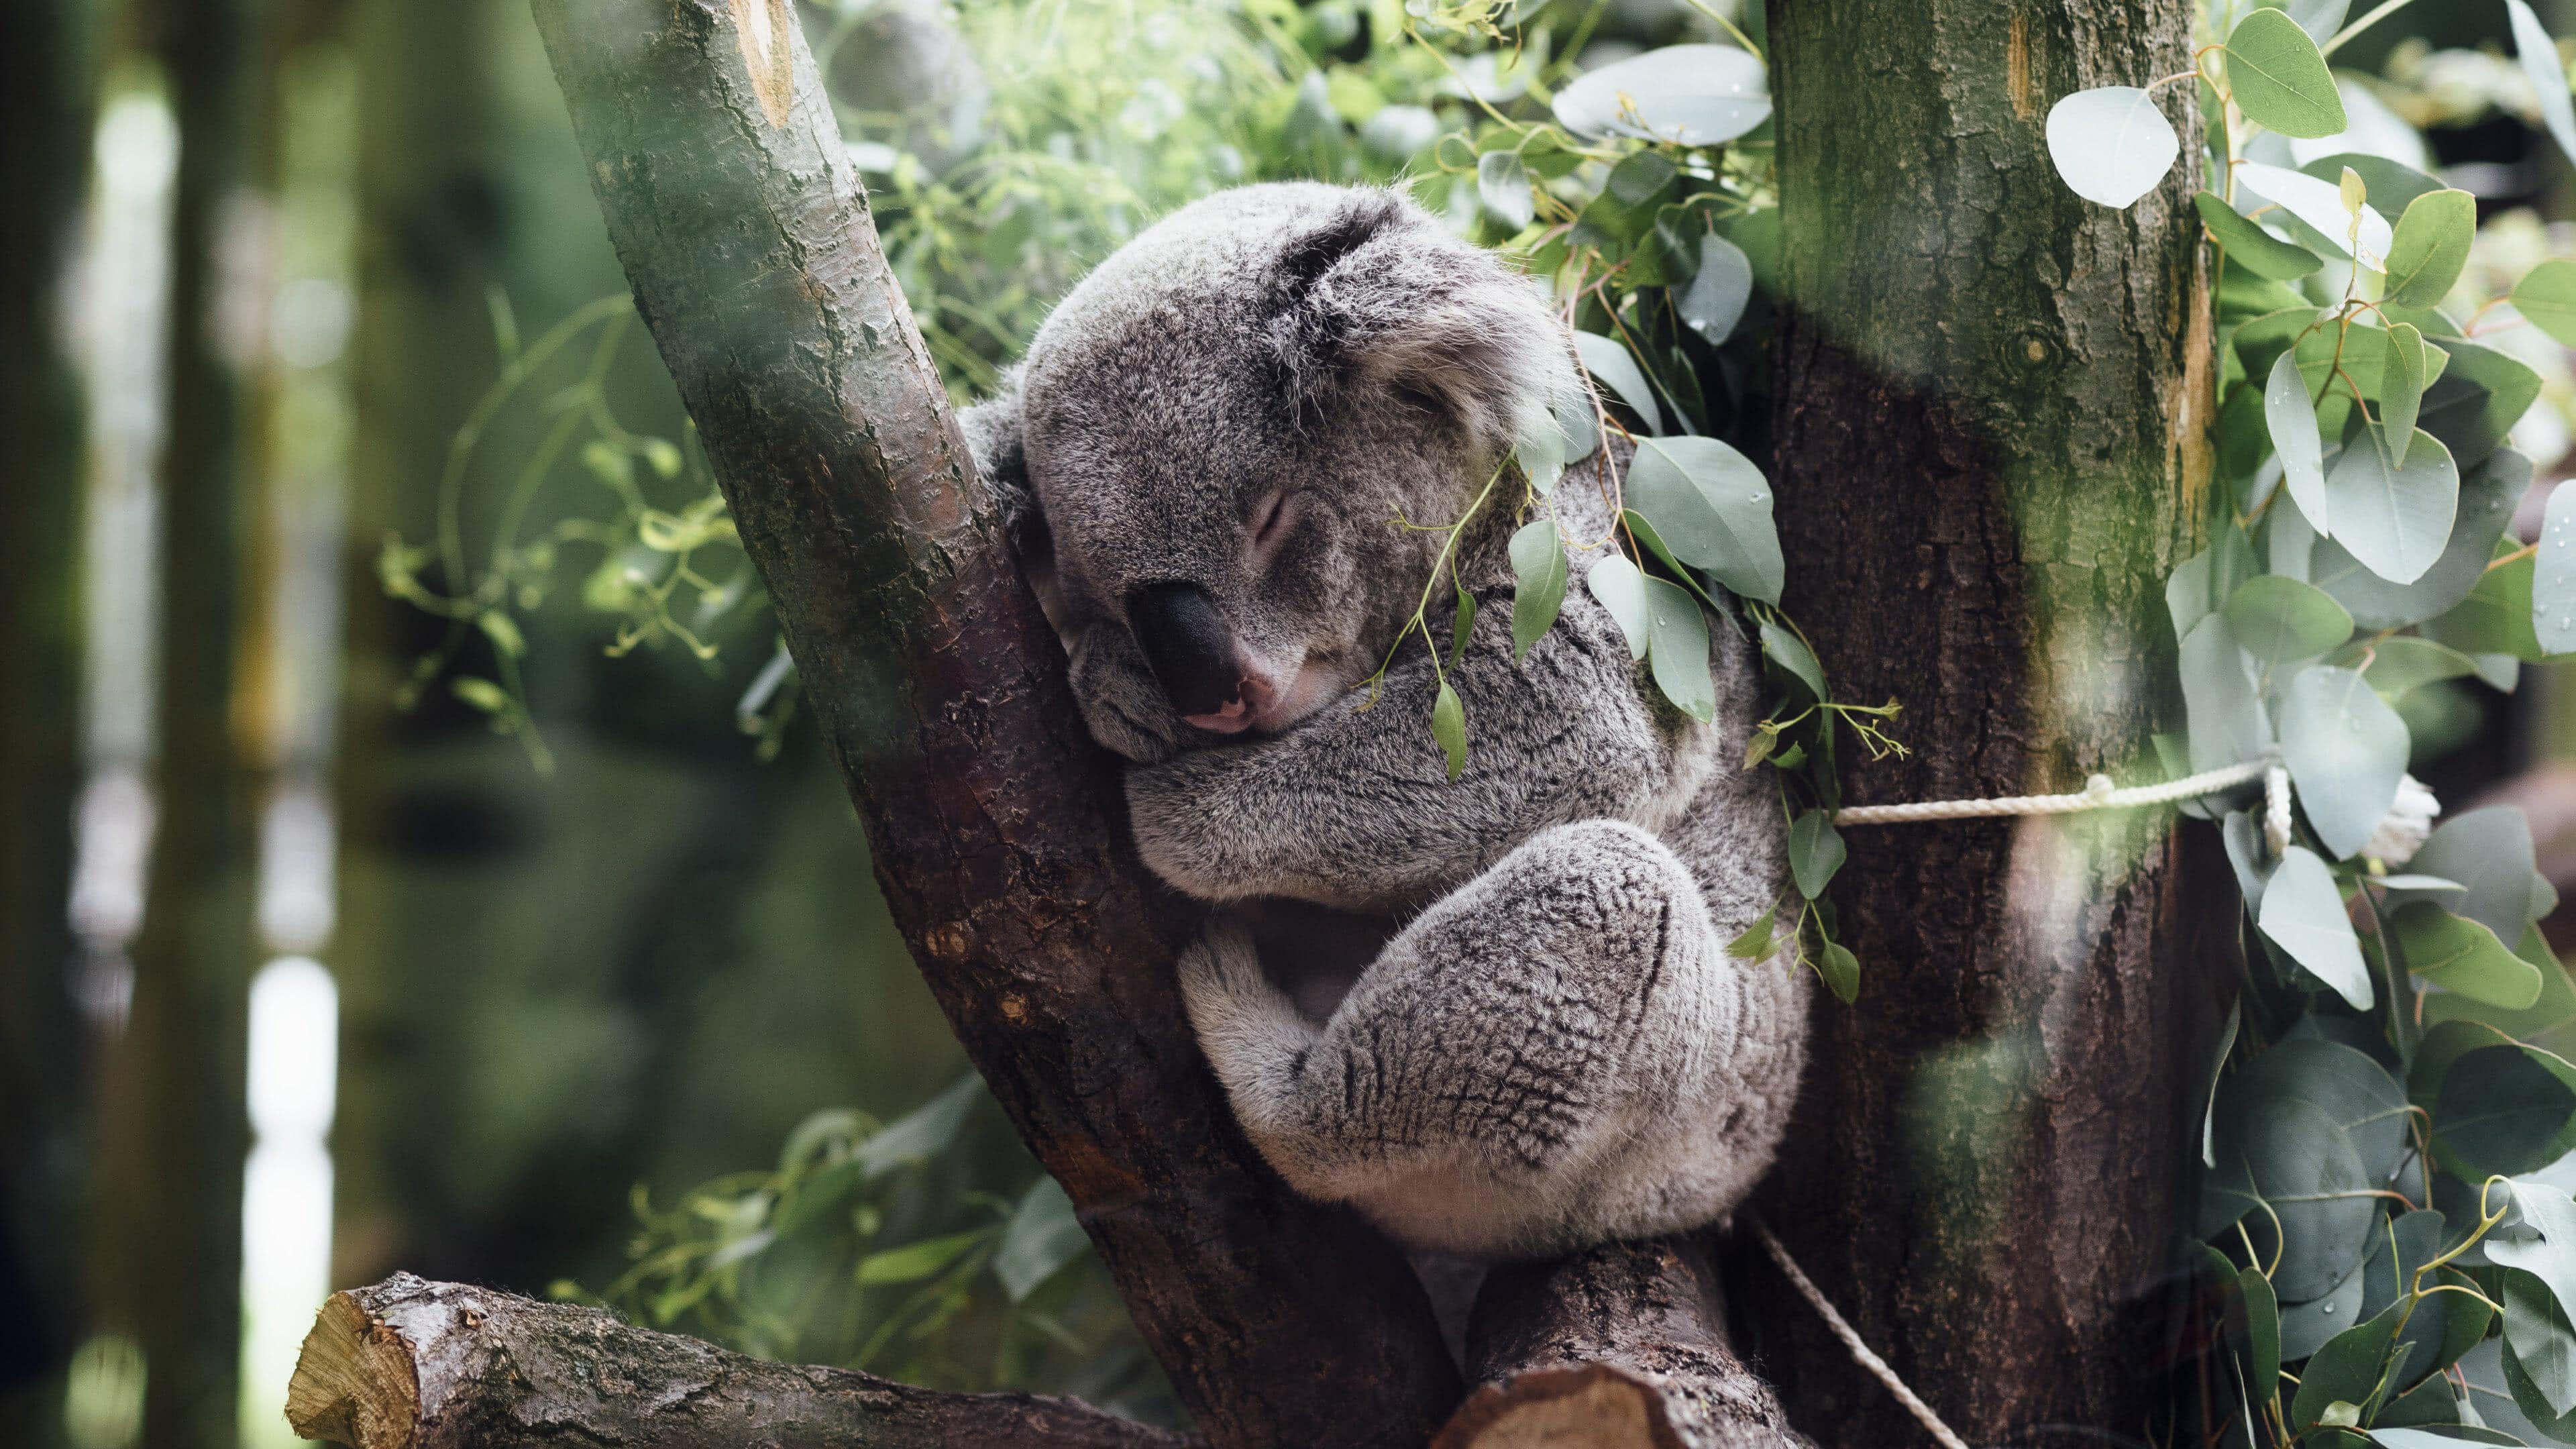 koala sleeping in a tree 4k wallpaper